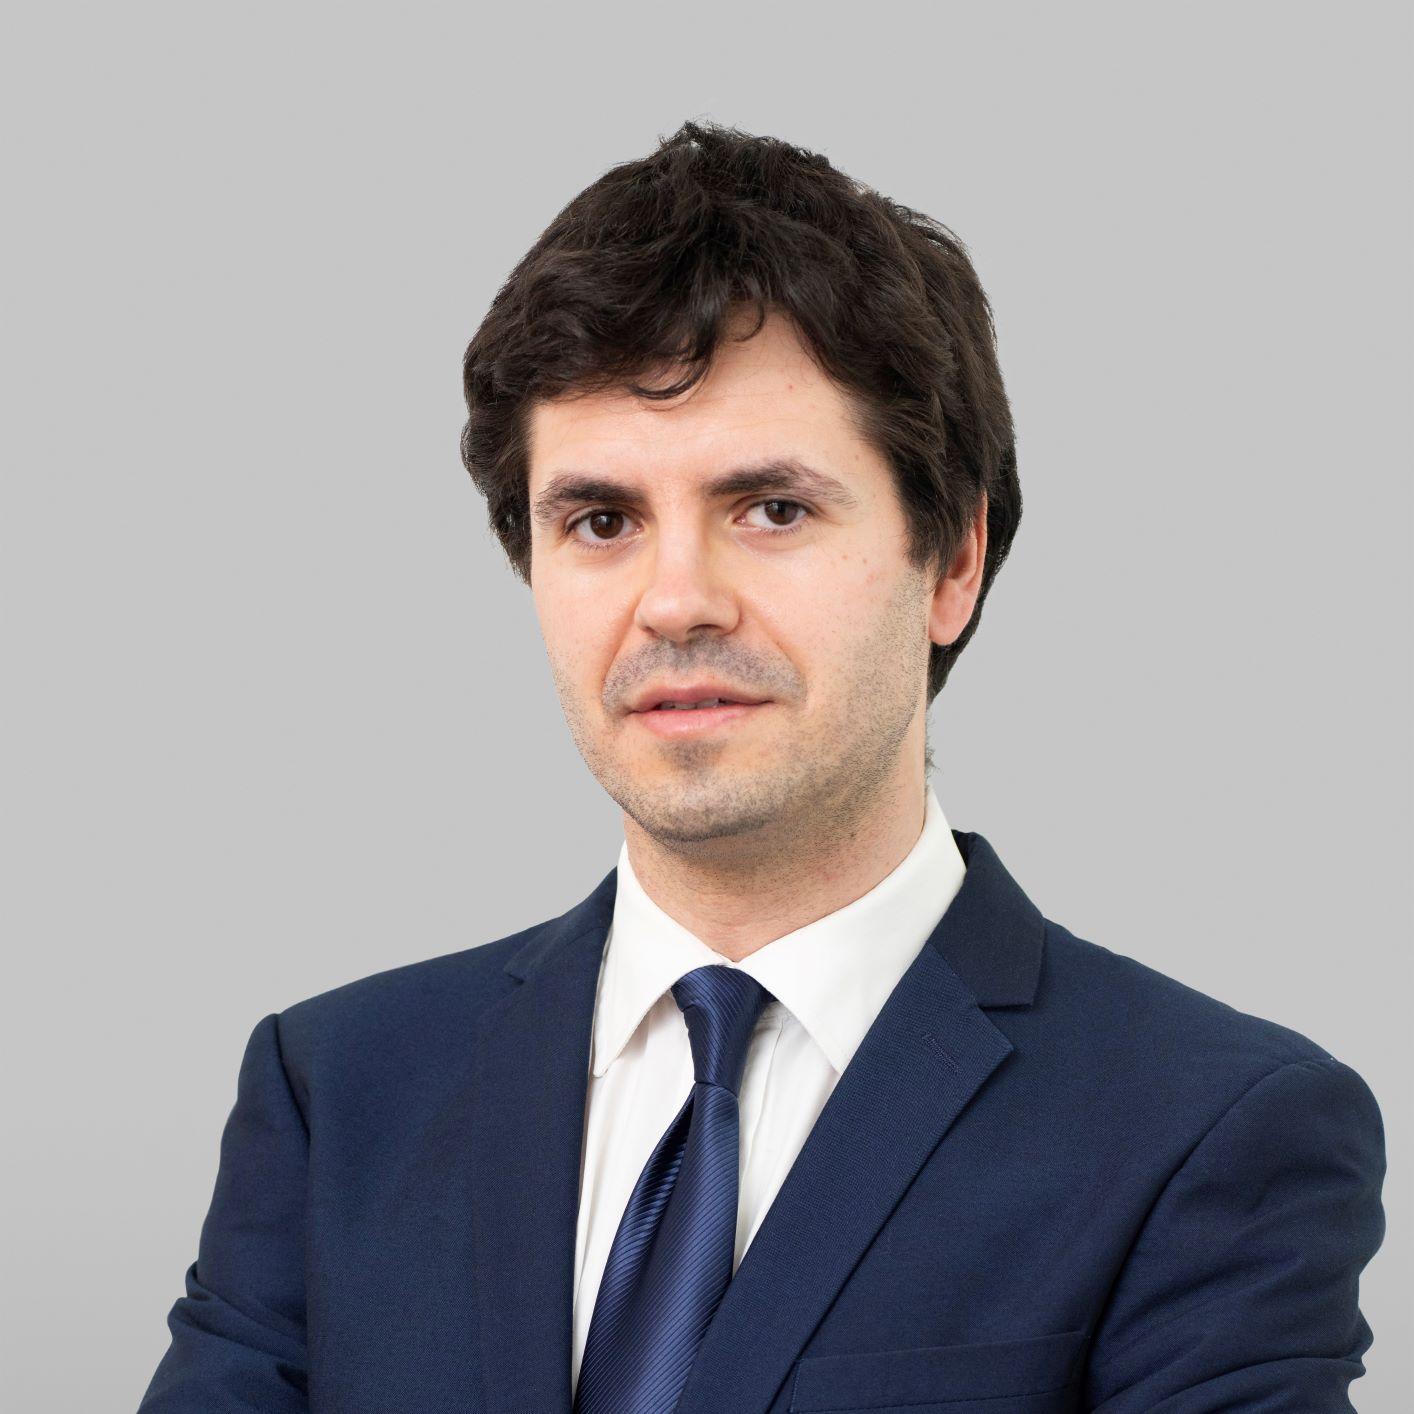 Ricardo Filipe Costa